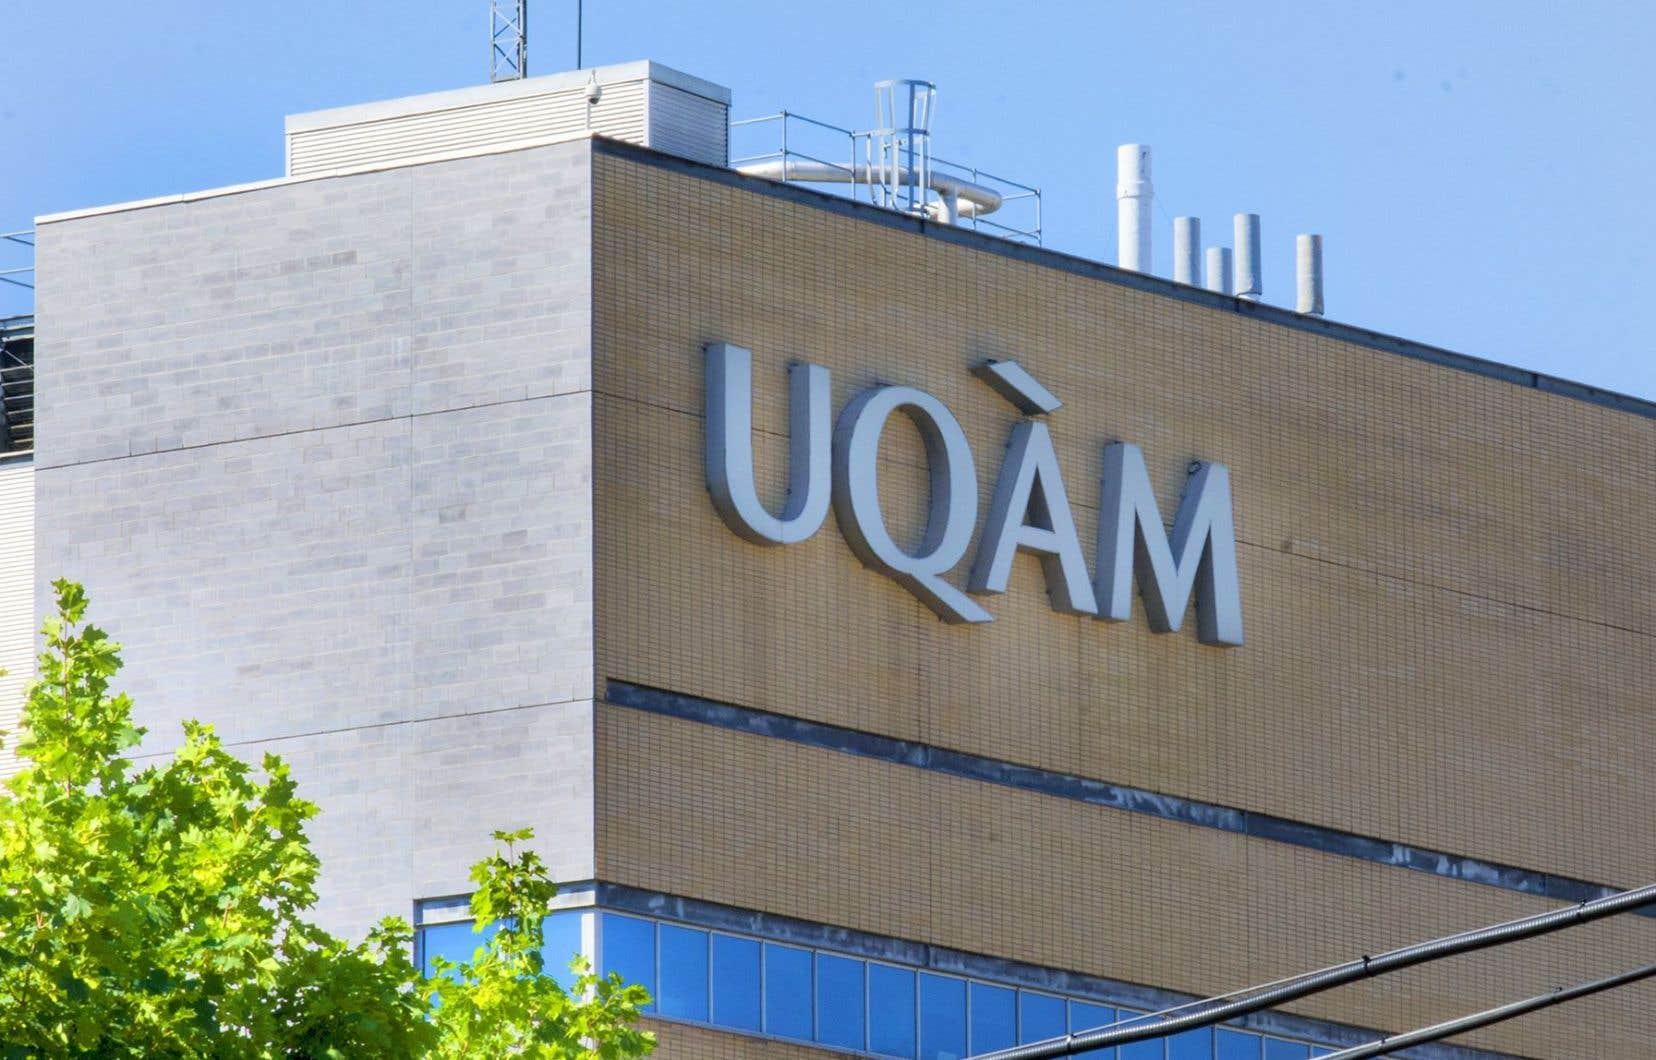 Le recteur Robert Proulx fait valoir que 70 % des 120 cadres de l'UQAM ne bénéficieront pas de cette hausse de salaire.